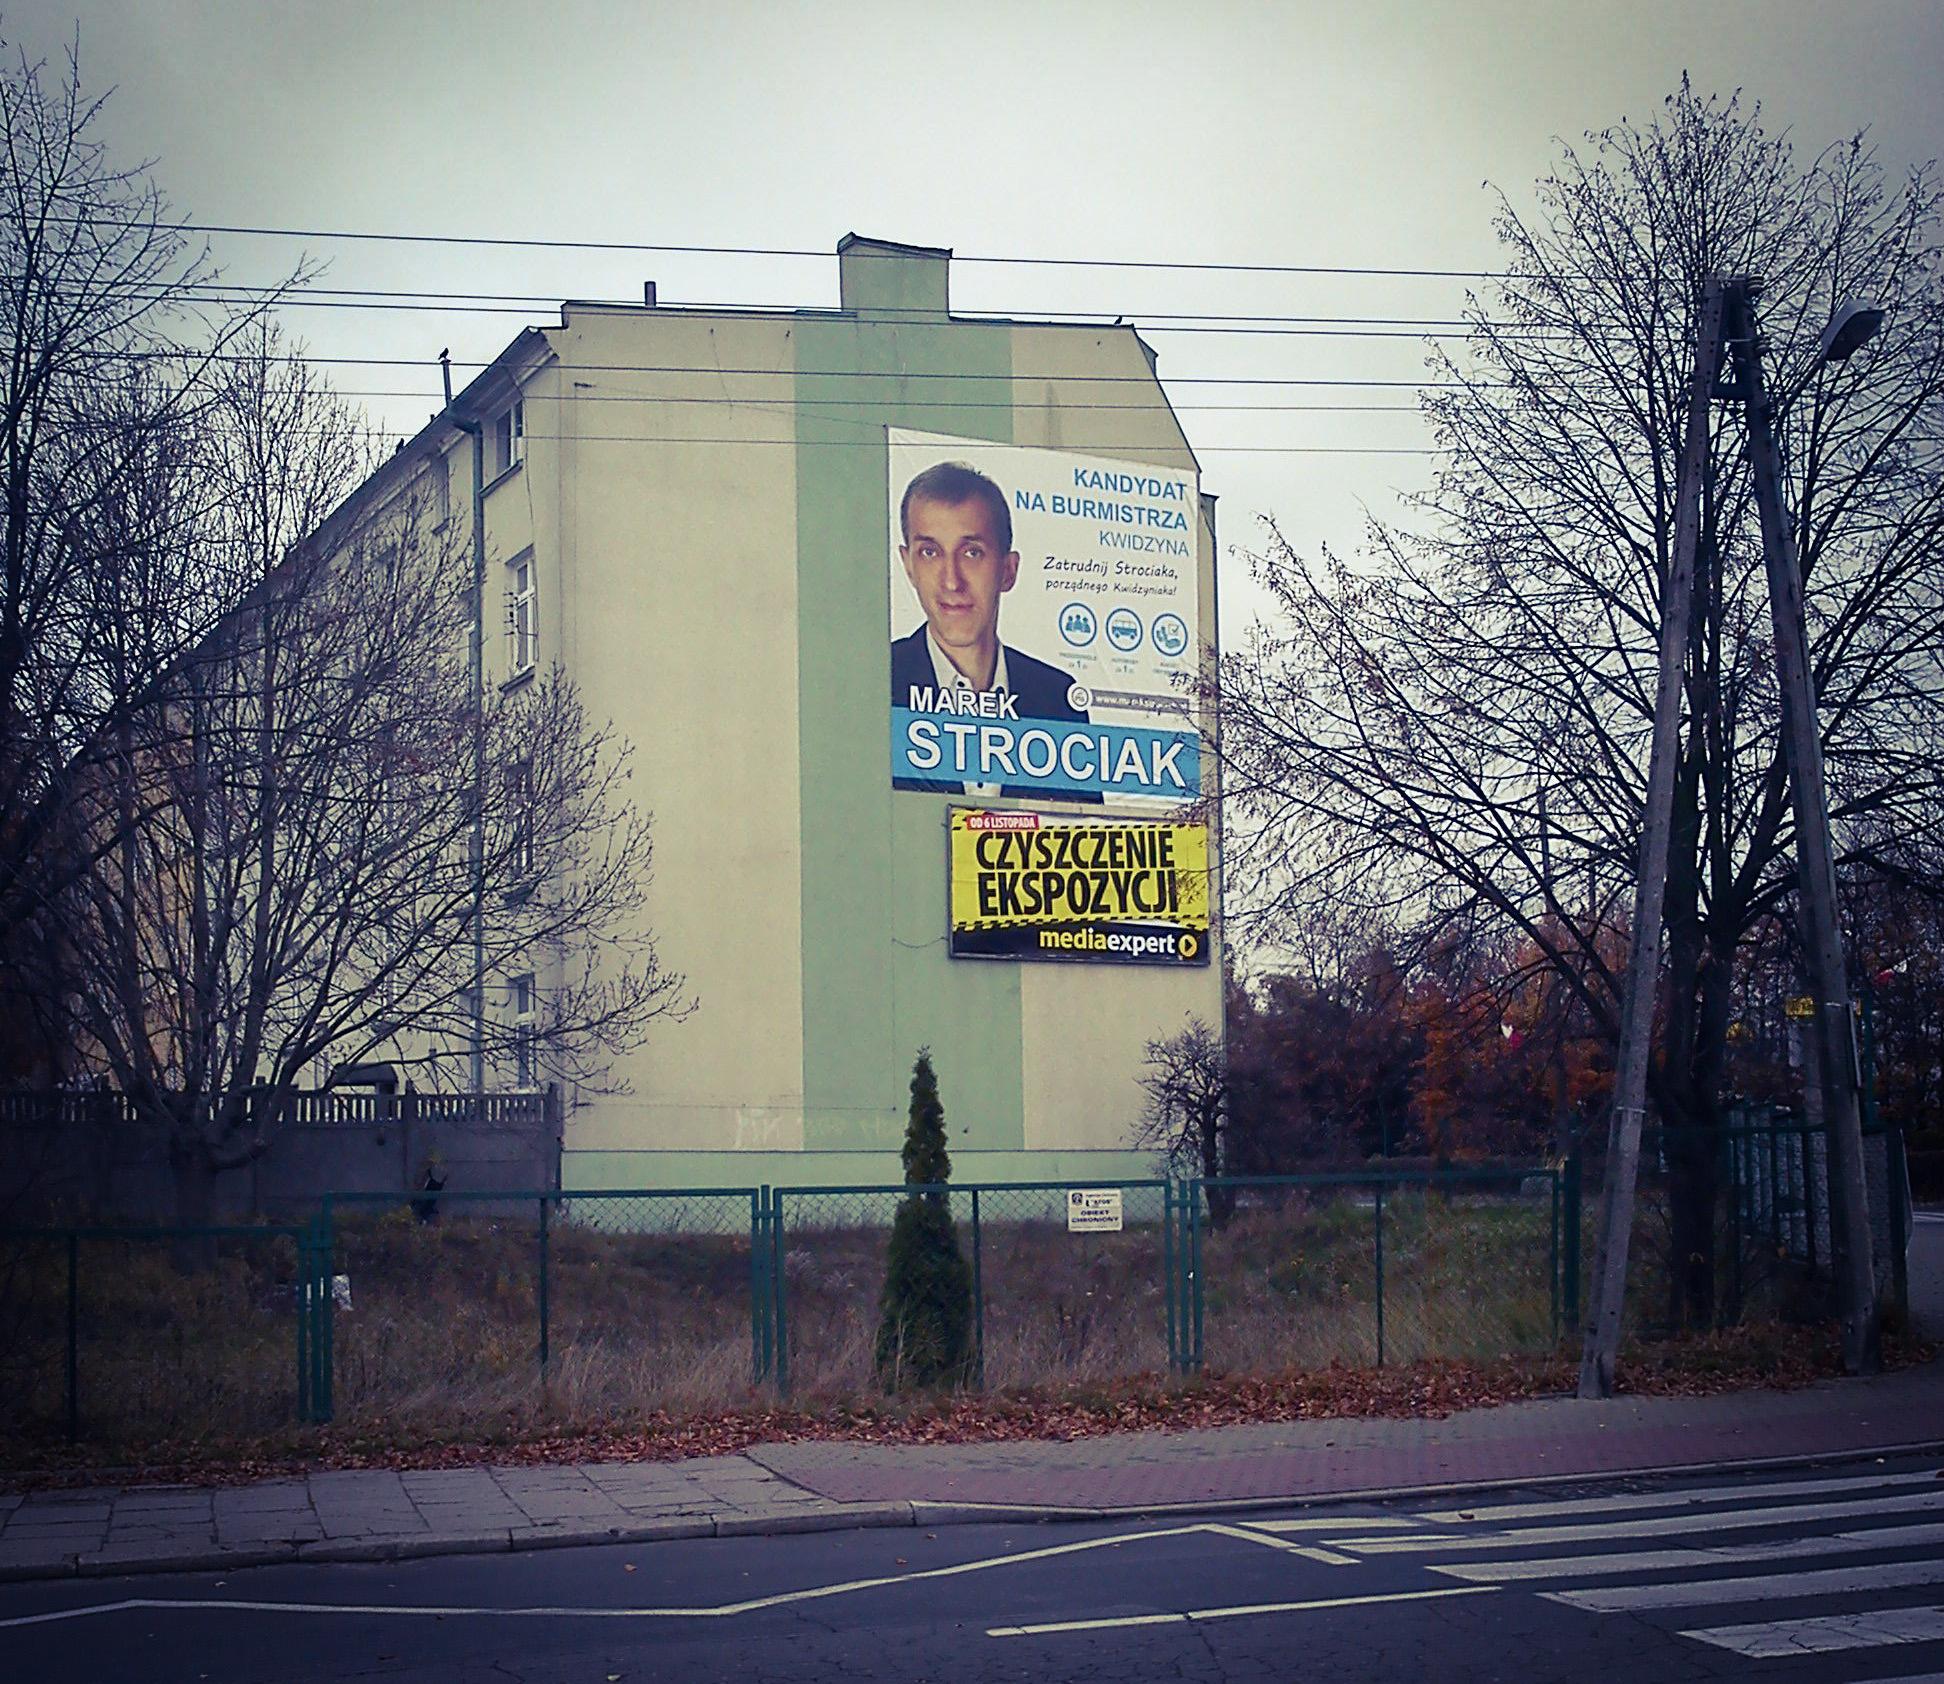 Przed Wyborami Gdynia Zakazuje Plakatów Wyborczych